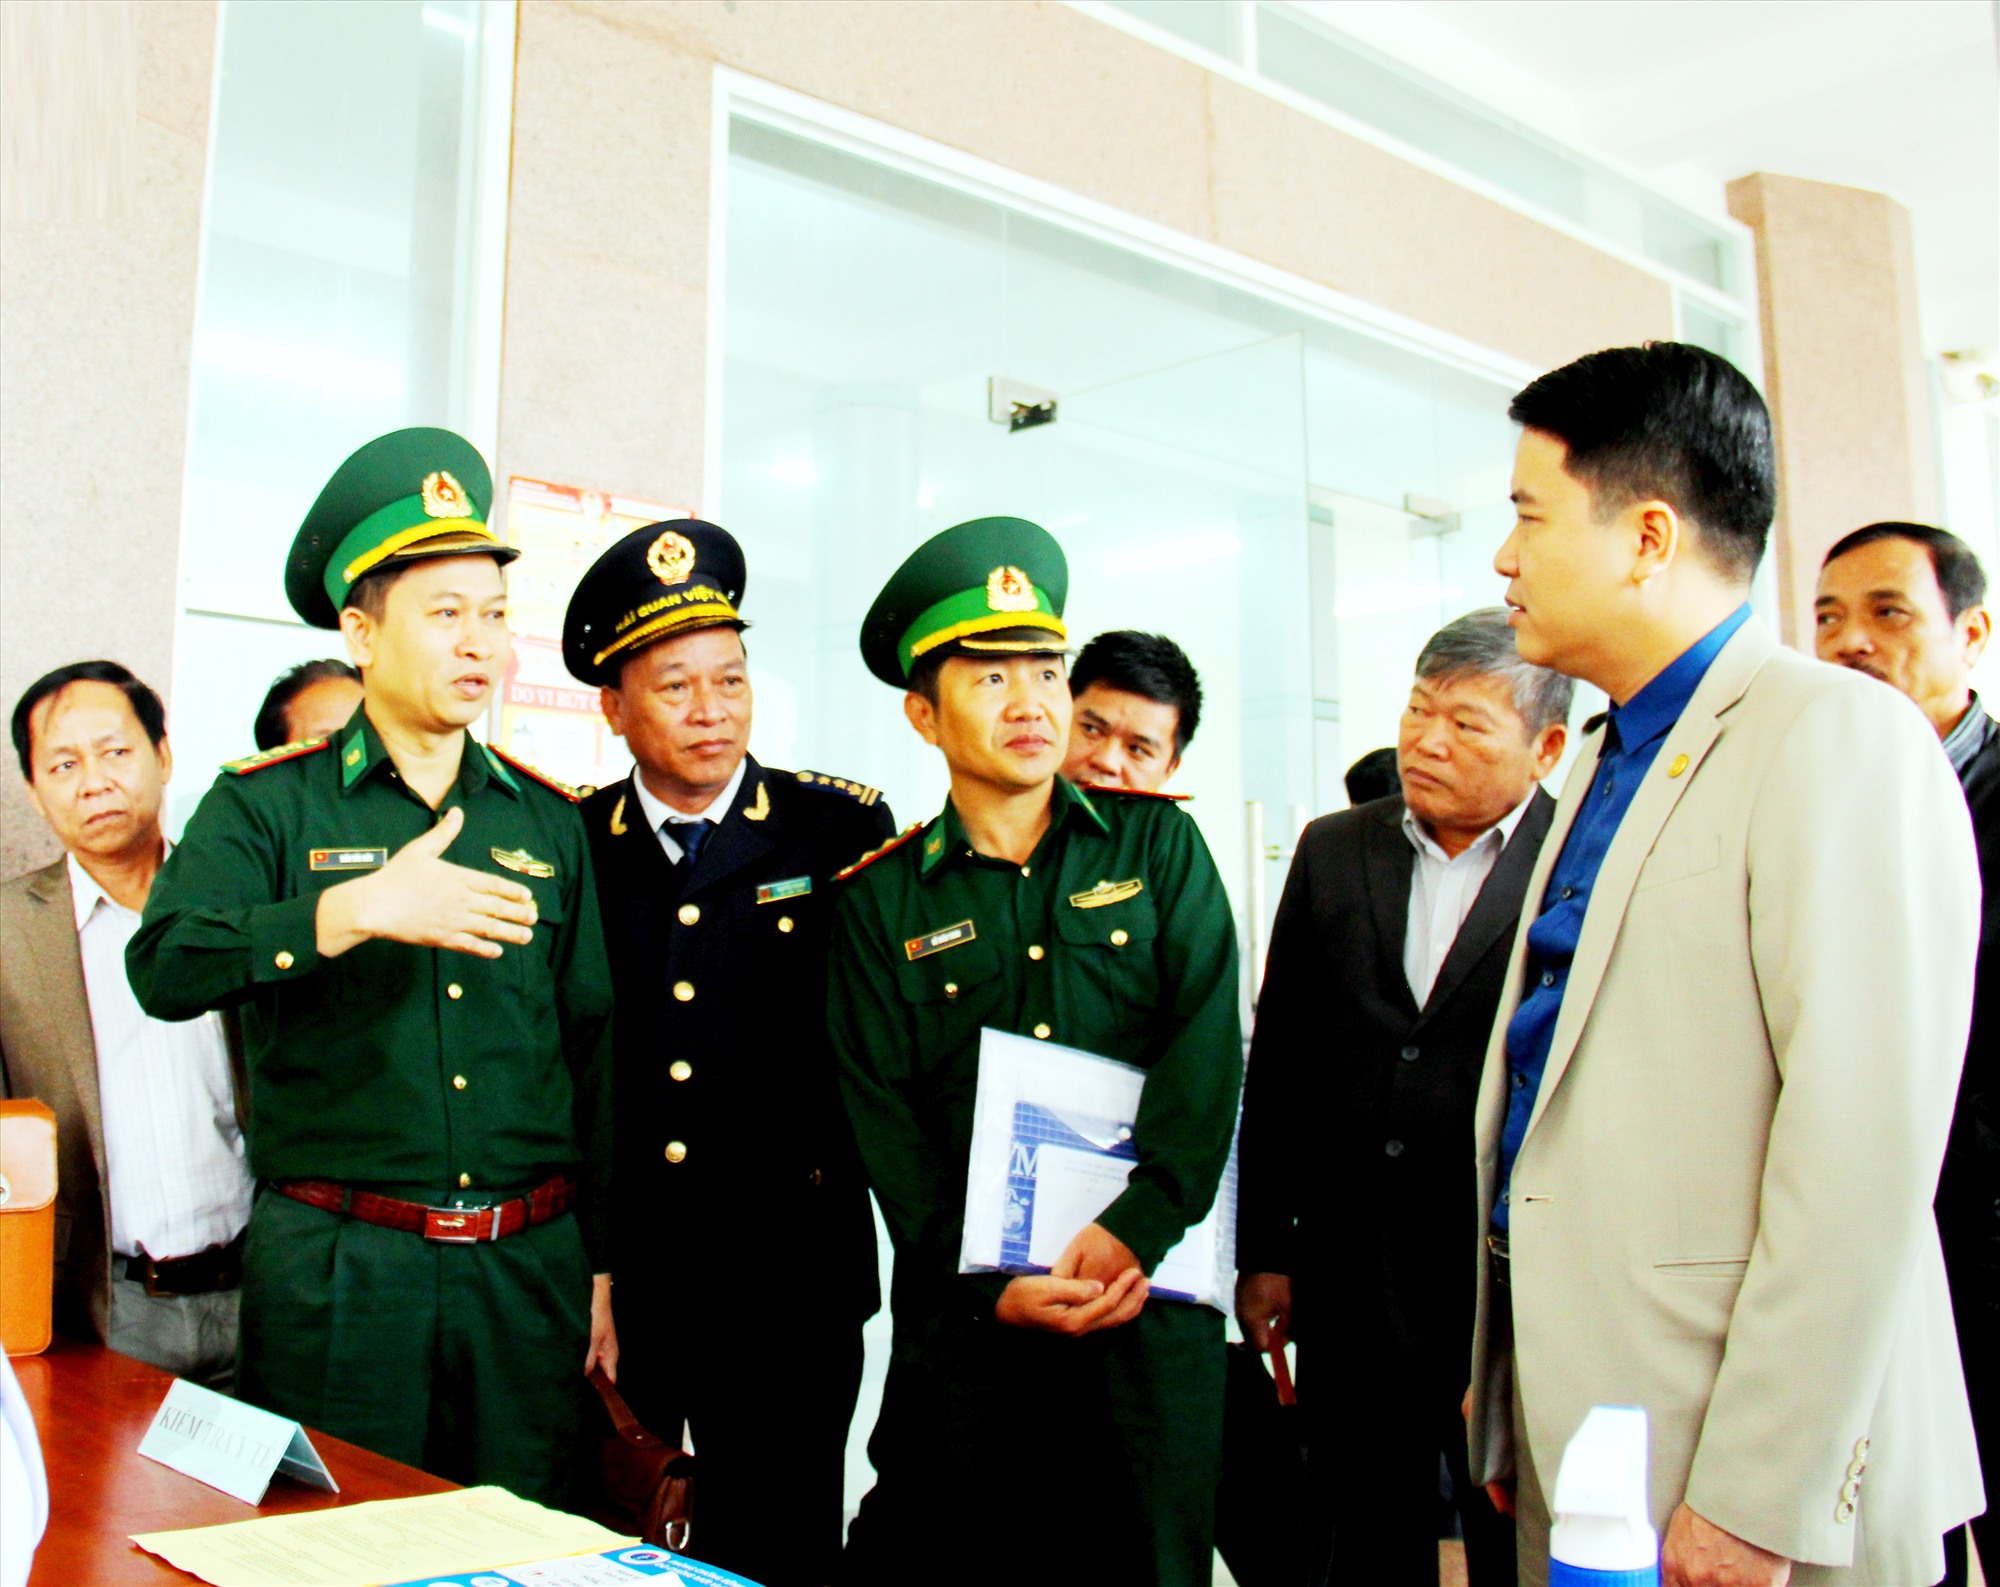 Phó Chủ tịch UBND tỉnh Trần Văn Tân kiểm tra công tác phòng chống dịch Covid-19 tại cửa khẩu Nam Giang - Đắc Tà Oọc. Ảnh: ALĂNG NGƯỚC